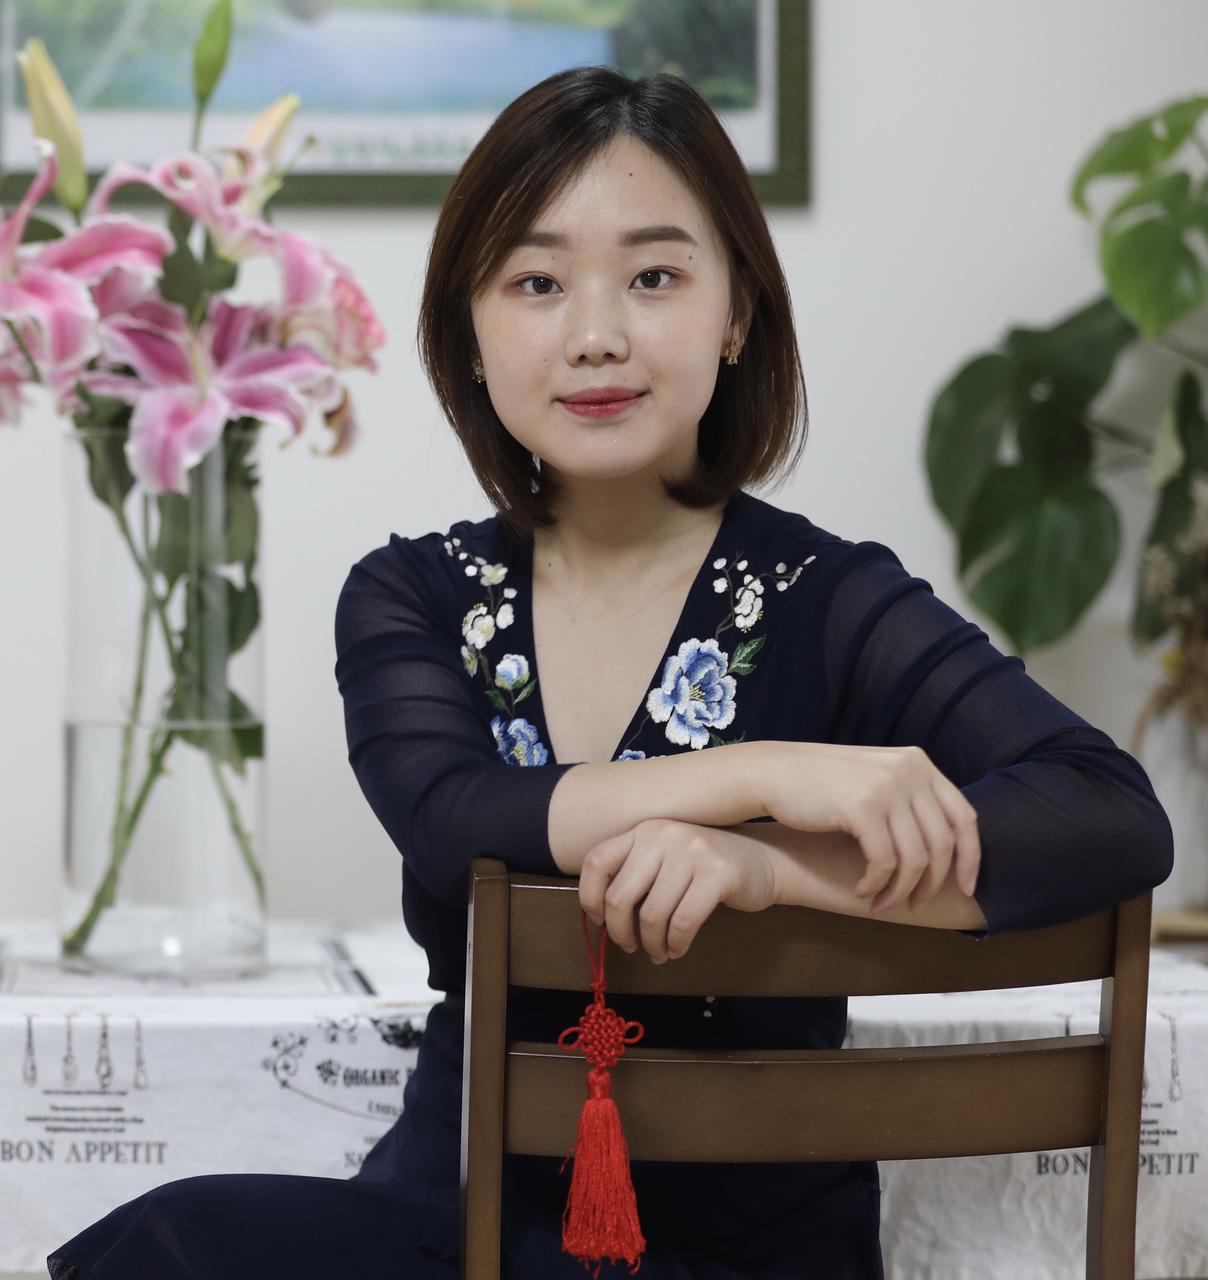 【日中文化理解オンラインイベント】2月7日/13日10:30-11:30 日本人が知っておくべき「中国の春節について」